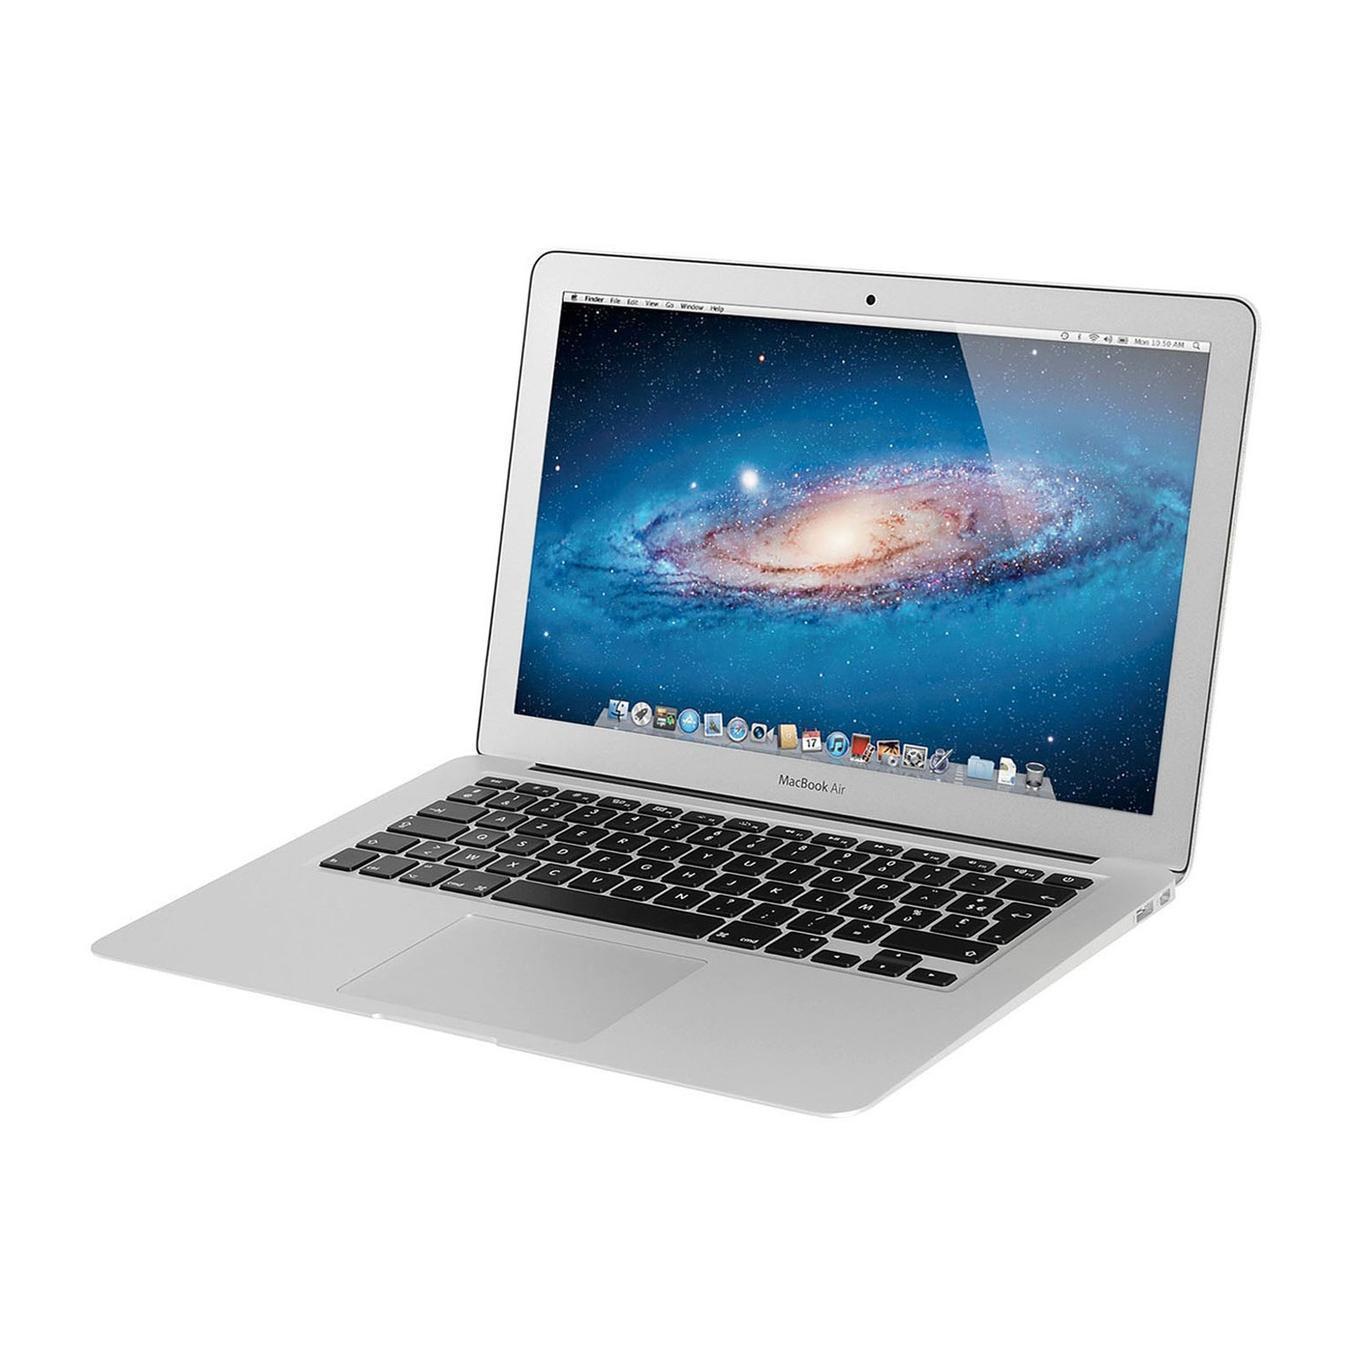 macbook air 11 2014 core i5 1 4 ghz ram 4 gb ssd 128 gb ricondizionato rigenerato back. Black Bedroom Furniture Sets. Home Design Ideas